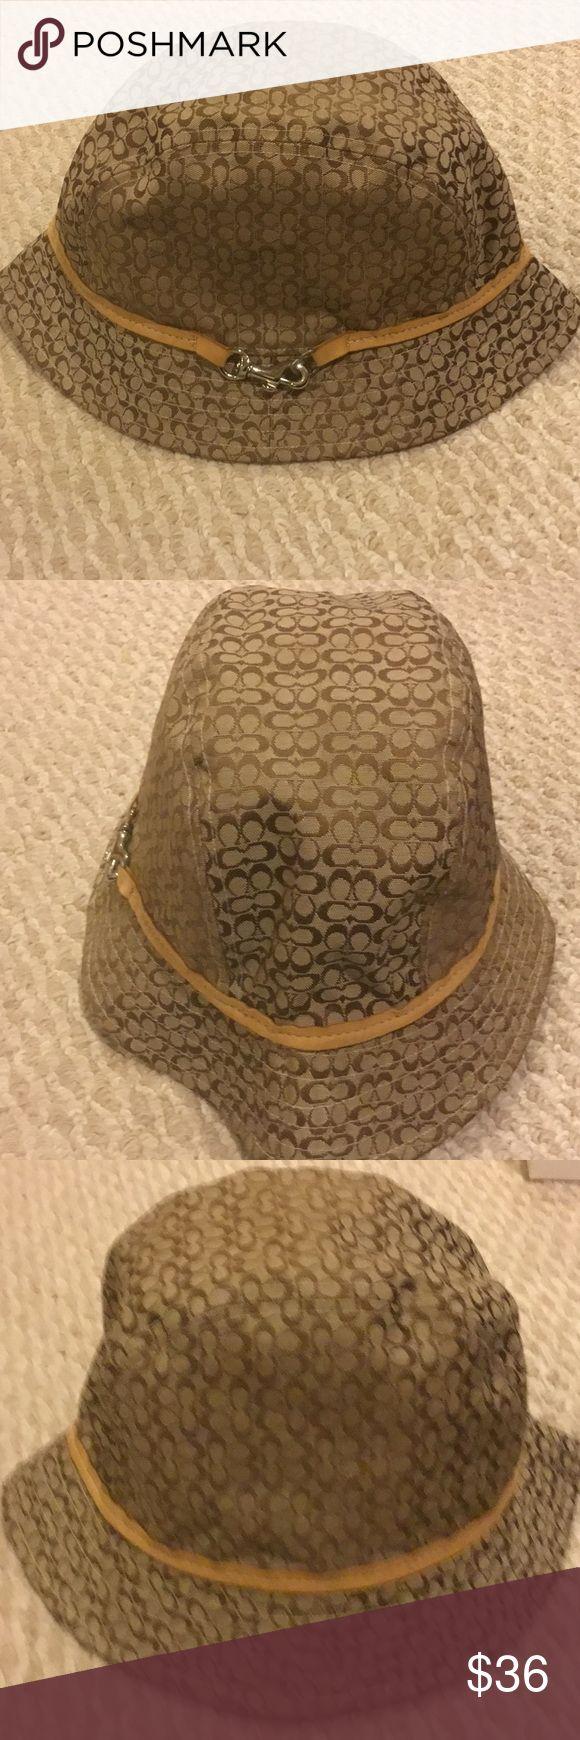 Coach Hat Coach hat with leather trim.  Size M/L Coach Accessories Hats